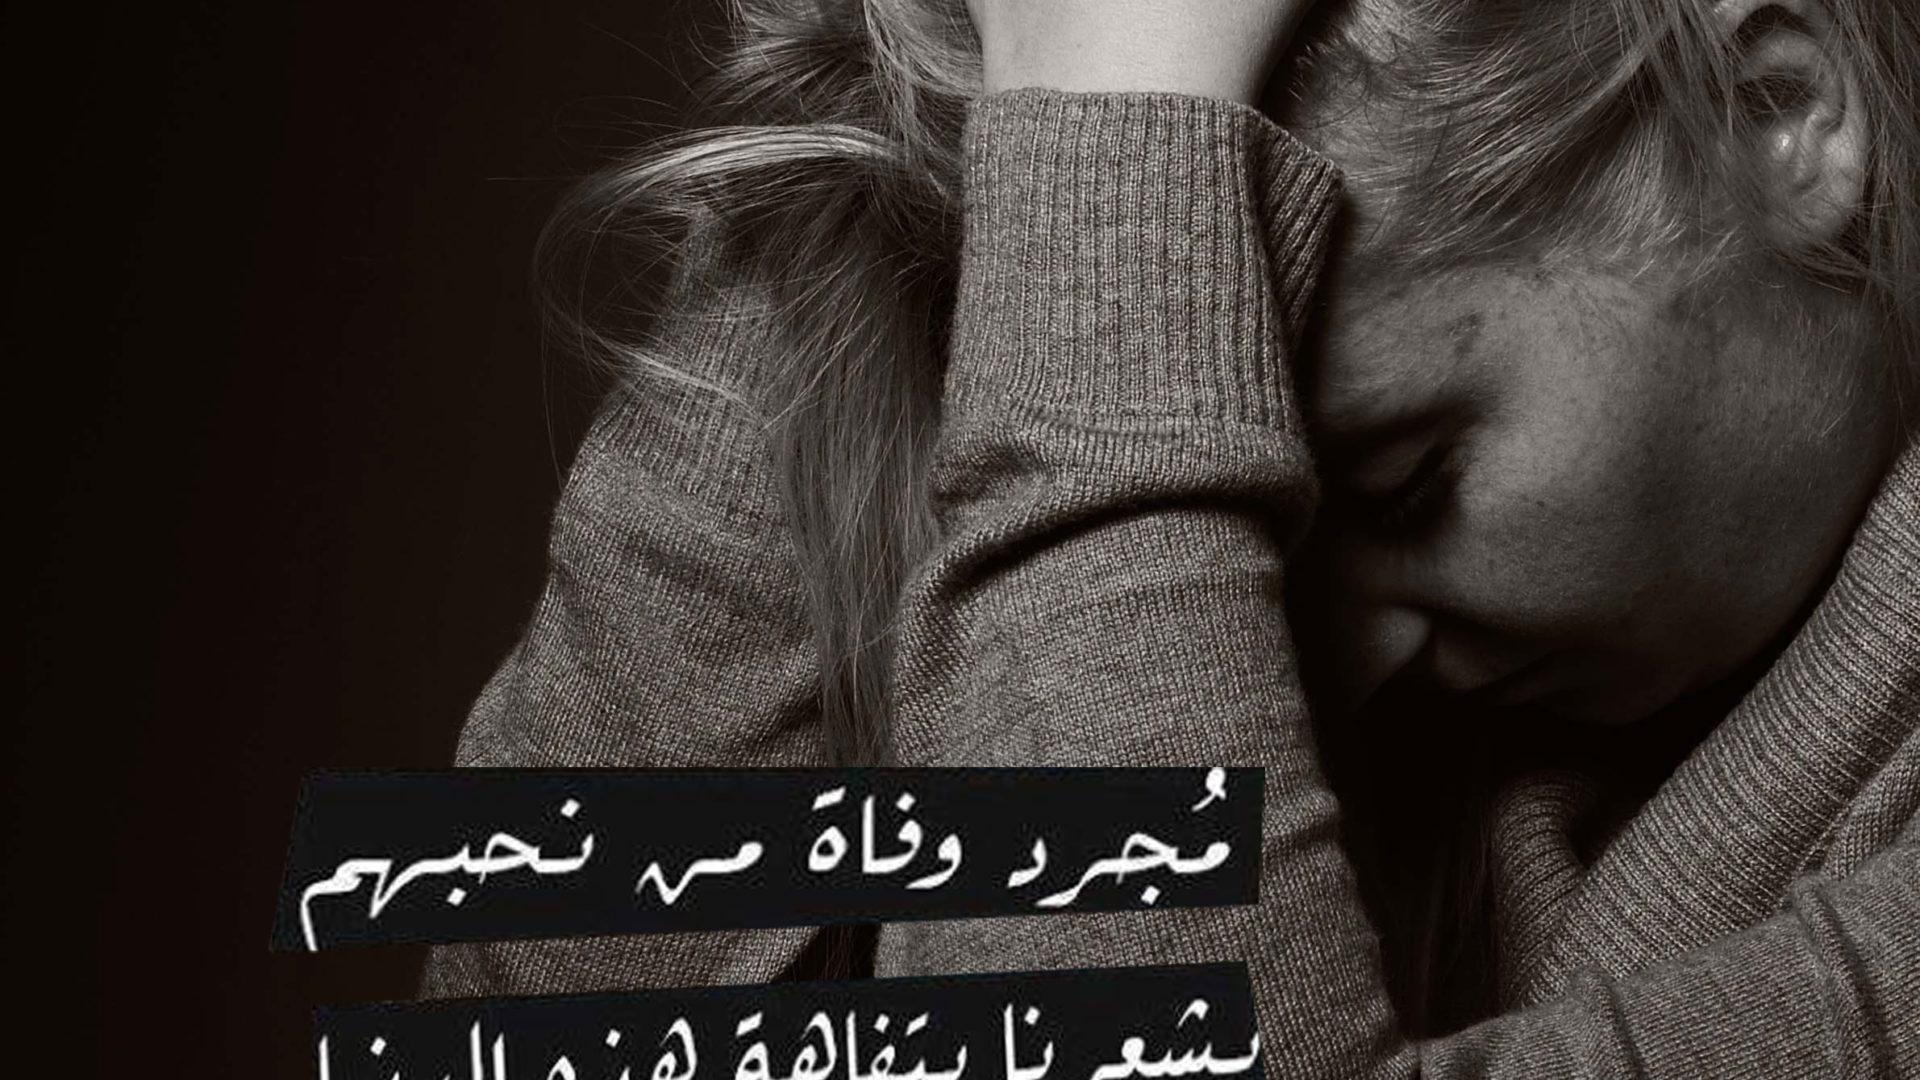 خلفيات حزينة عن الموت الفراق والرحيل -خلفيات فور يو